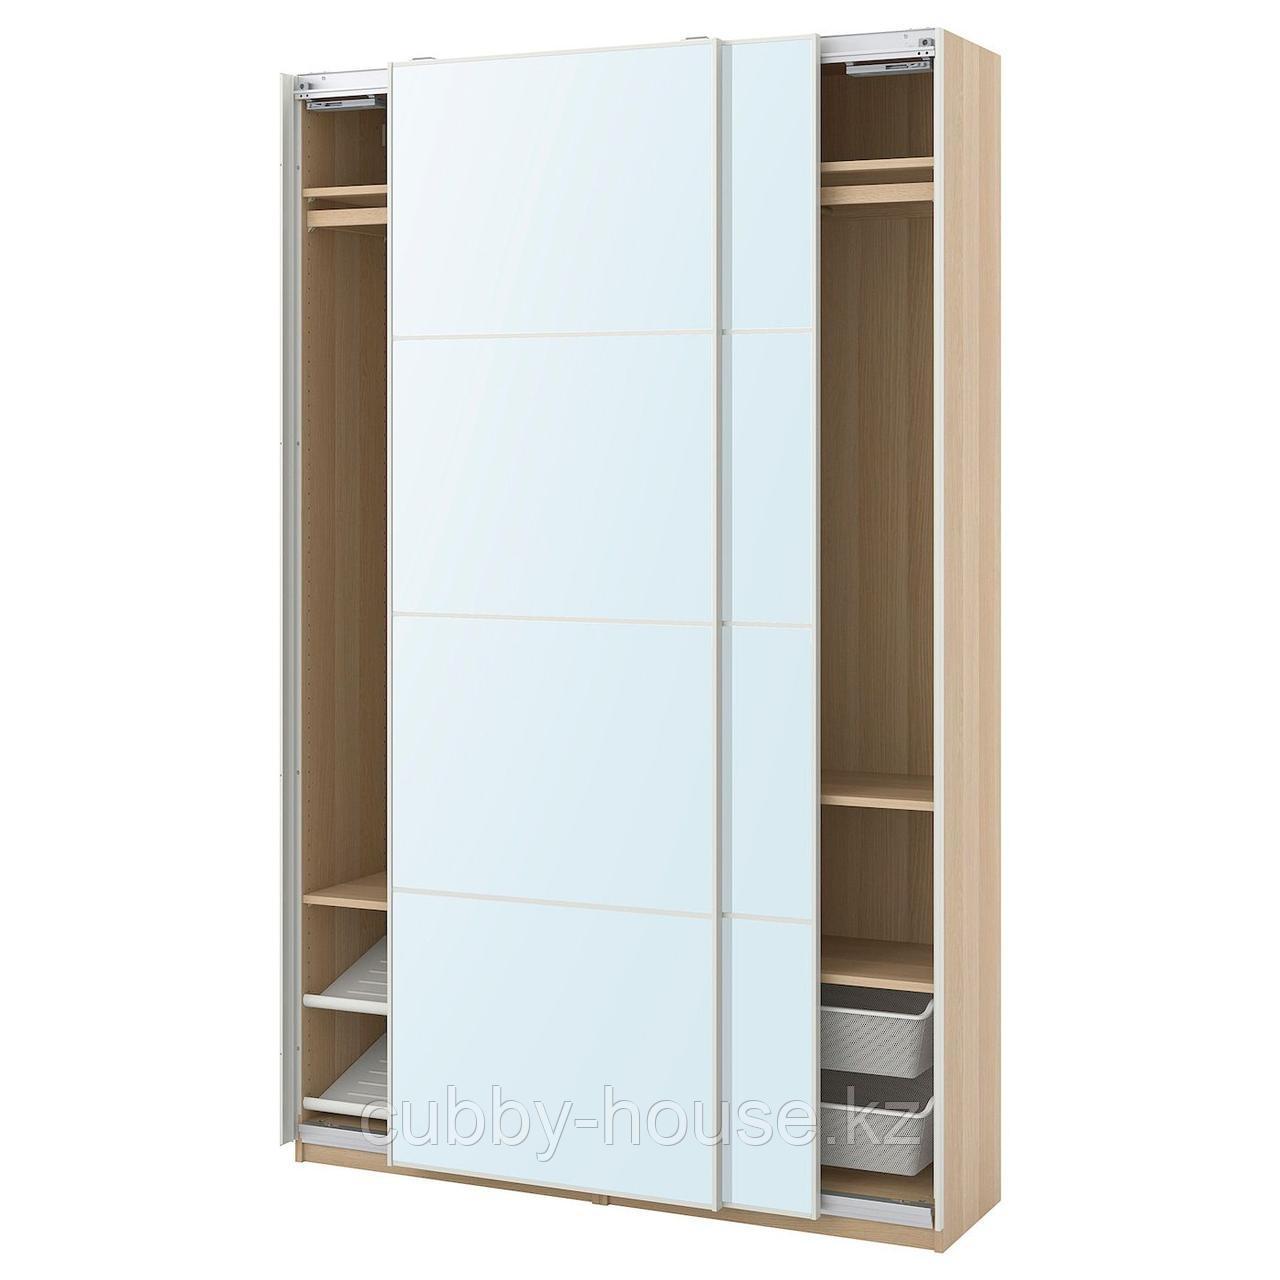 ПАКС / АУЛИ Гардероб, комбинация, под беленый дуб, зеркальное стекло, 150x44x236 см